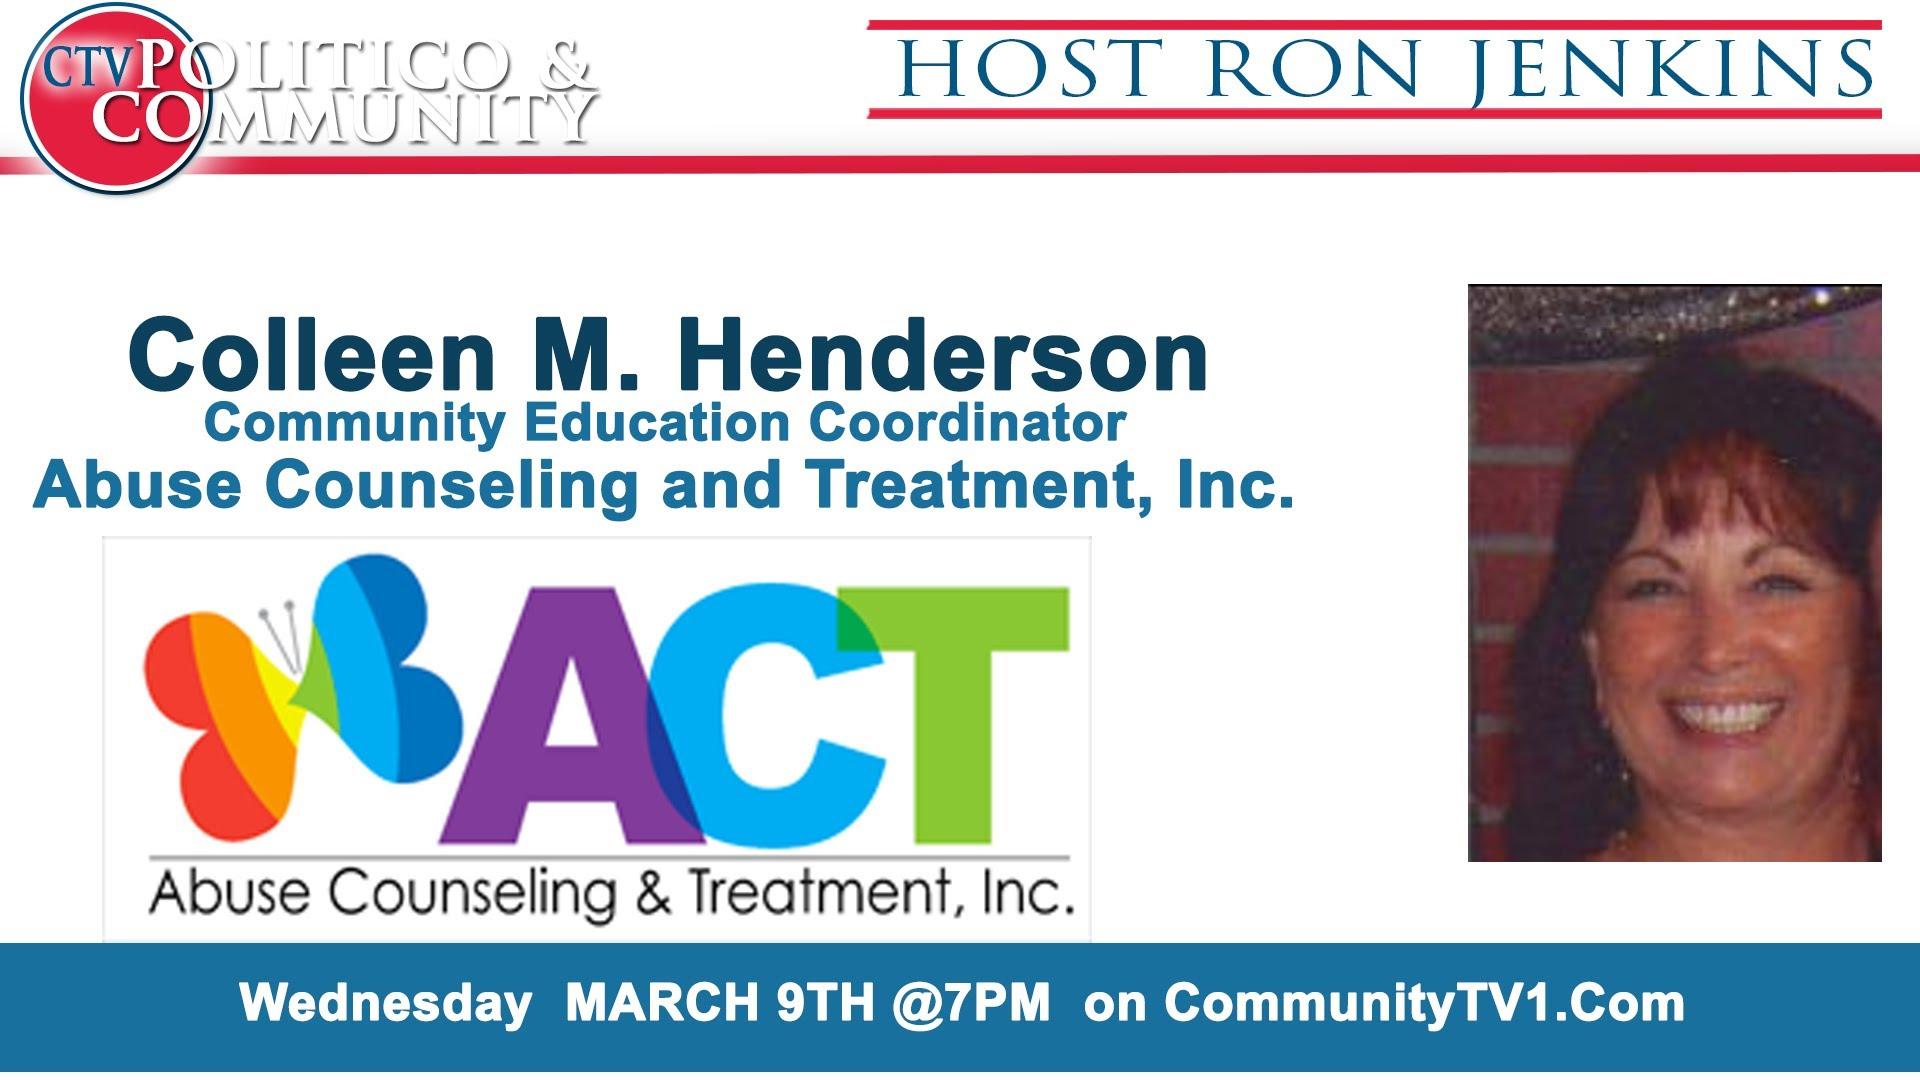 3-9-2016 CTV Politico & Community- Studio Guest: Colleen M. Henderson